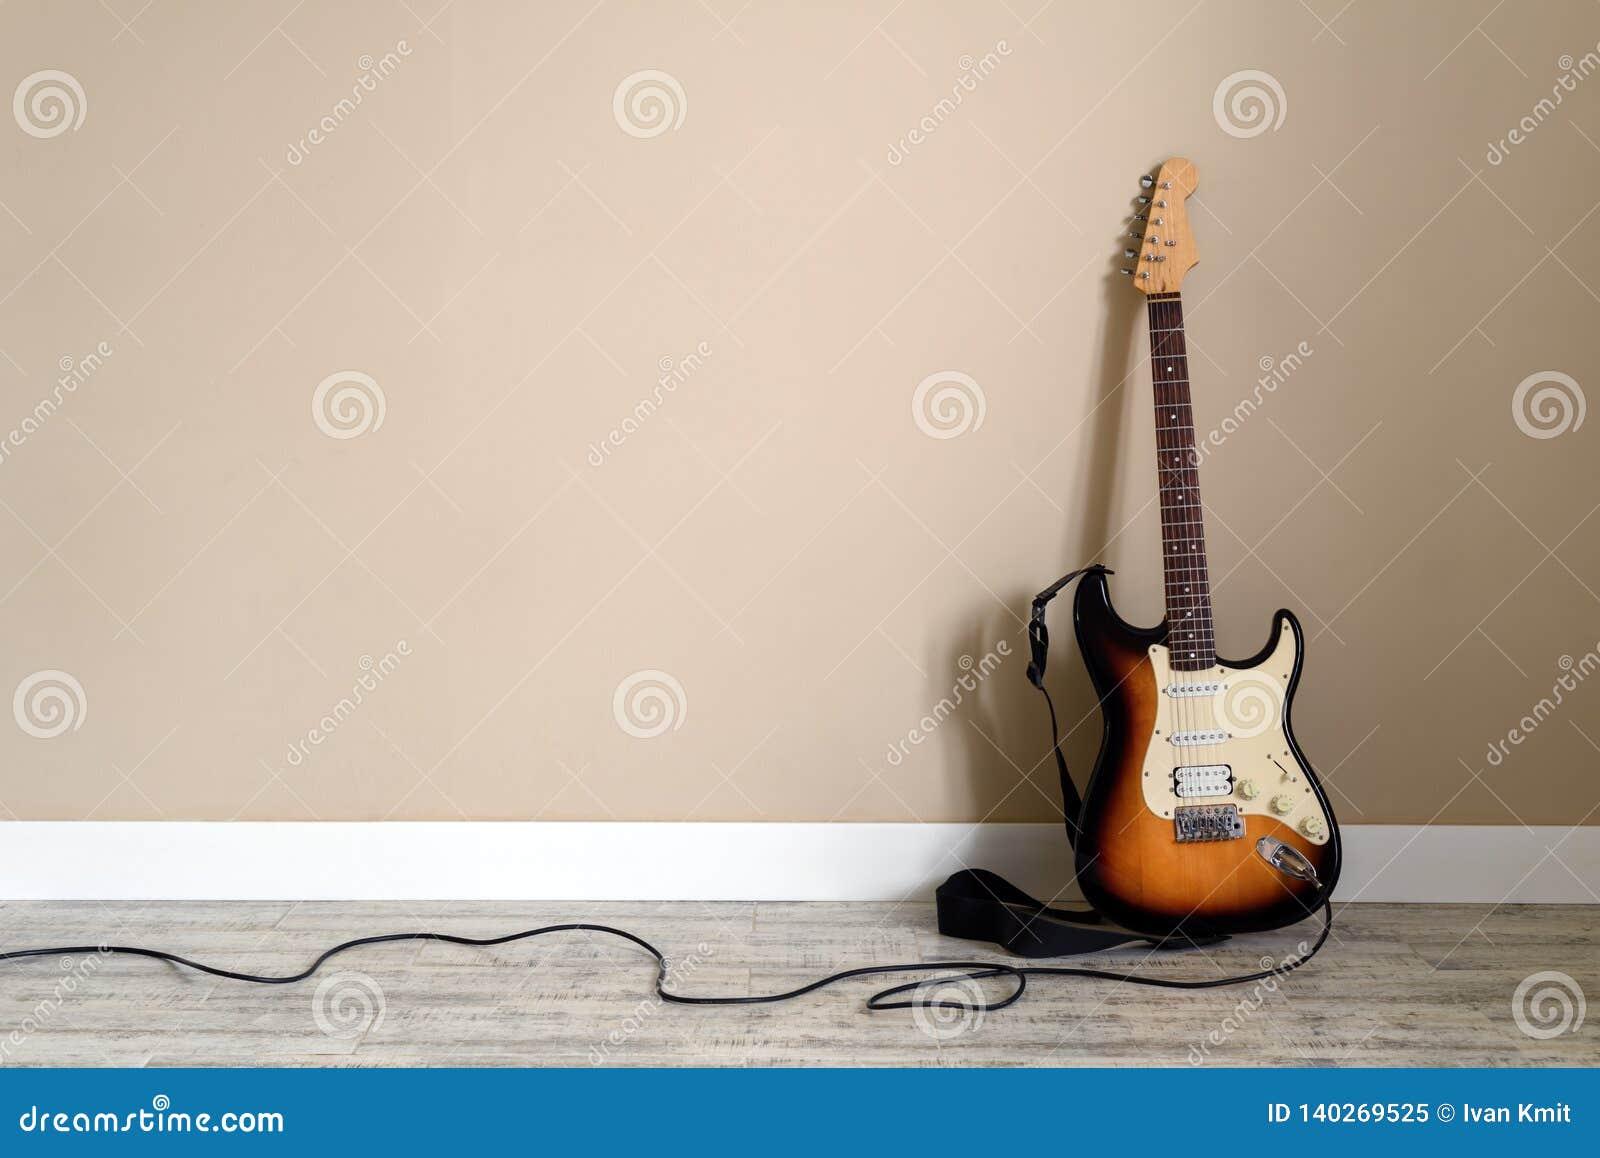 Ηλεκτρο κιθάρα με το καλώδιο